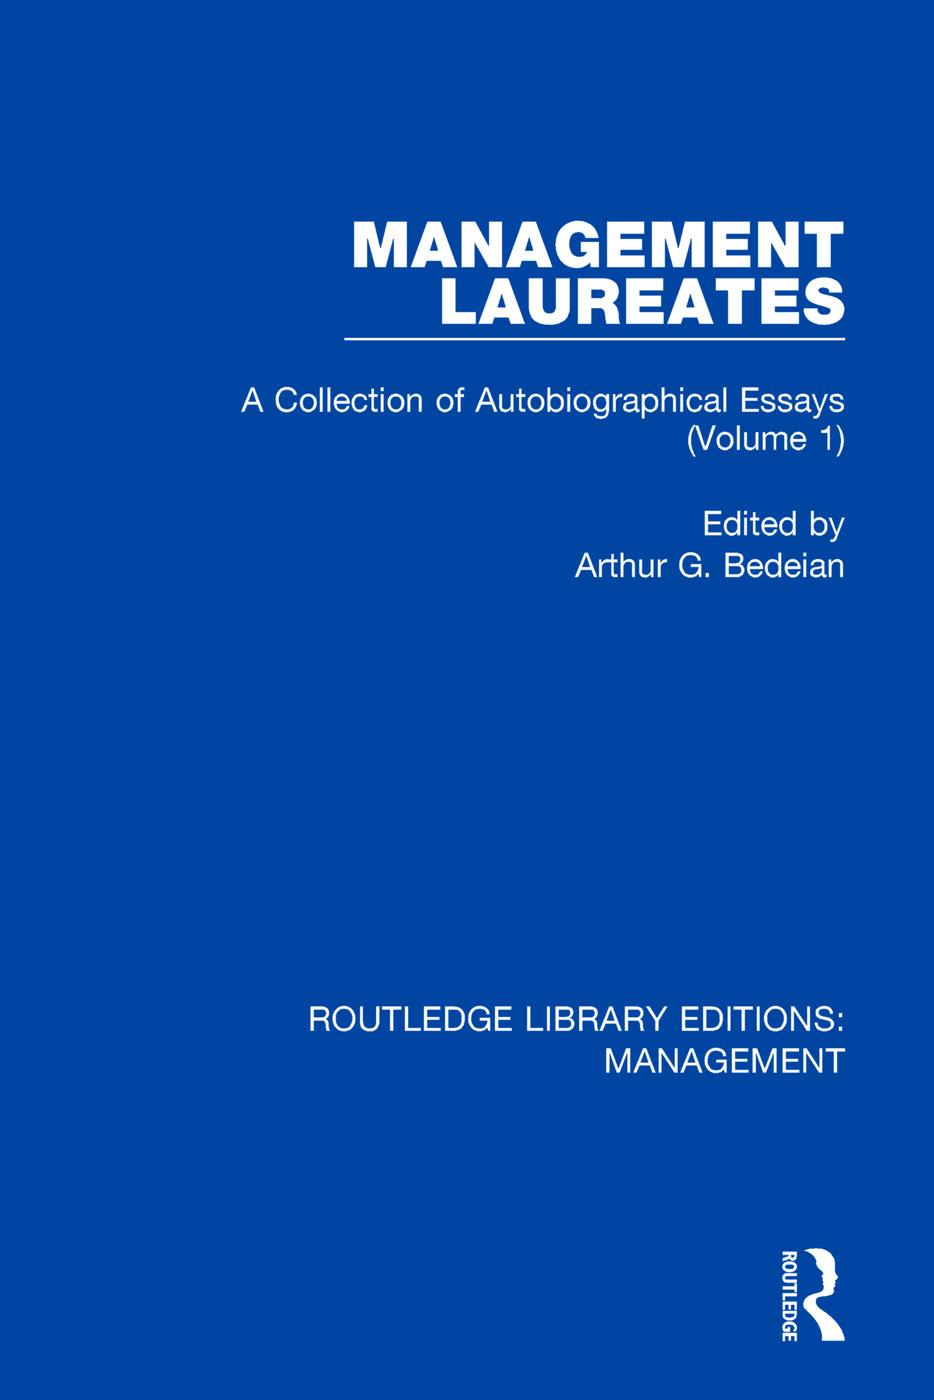 Management Laureates